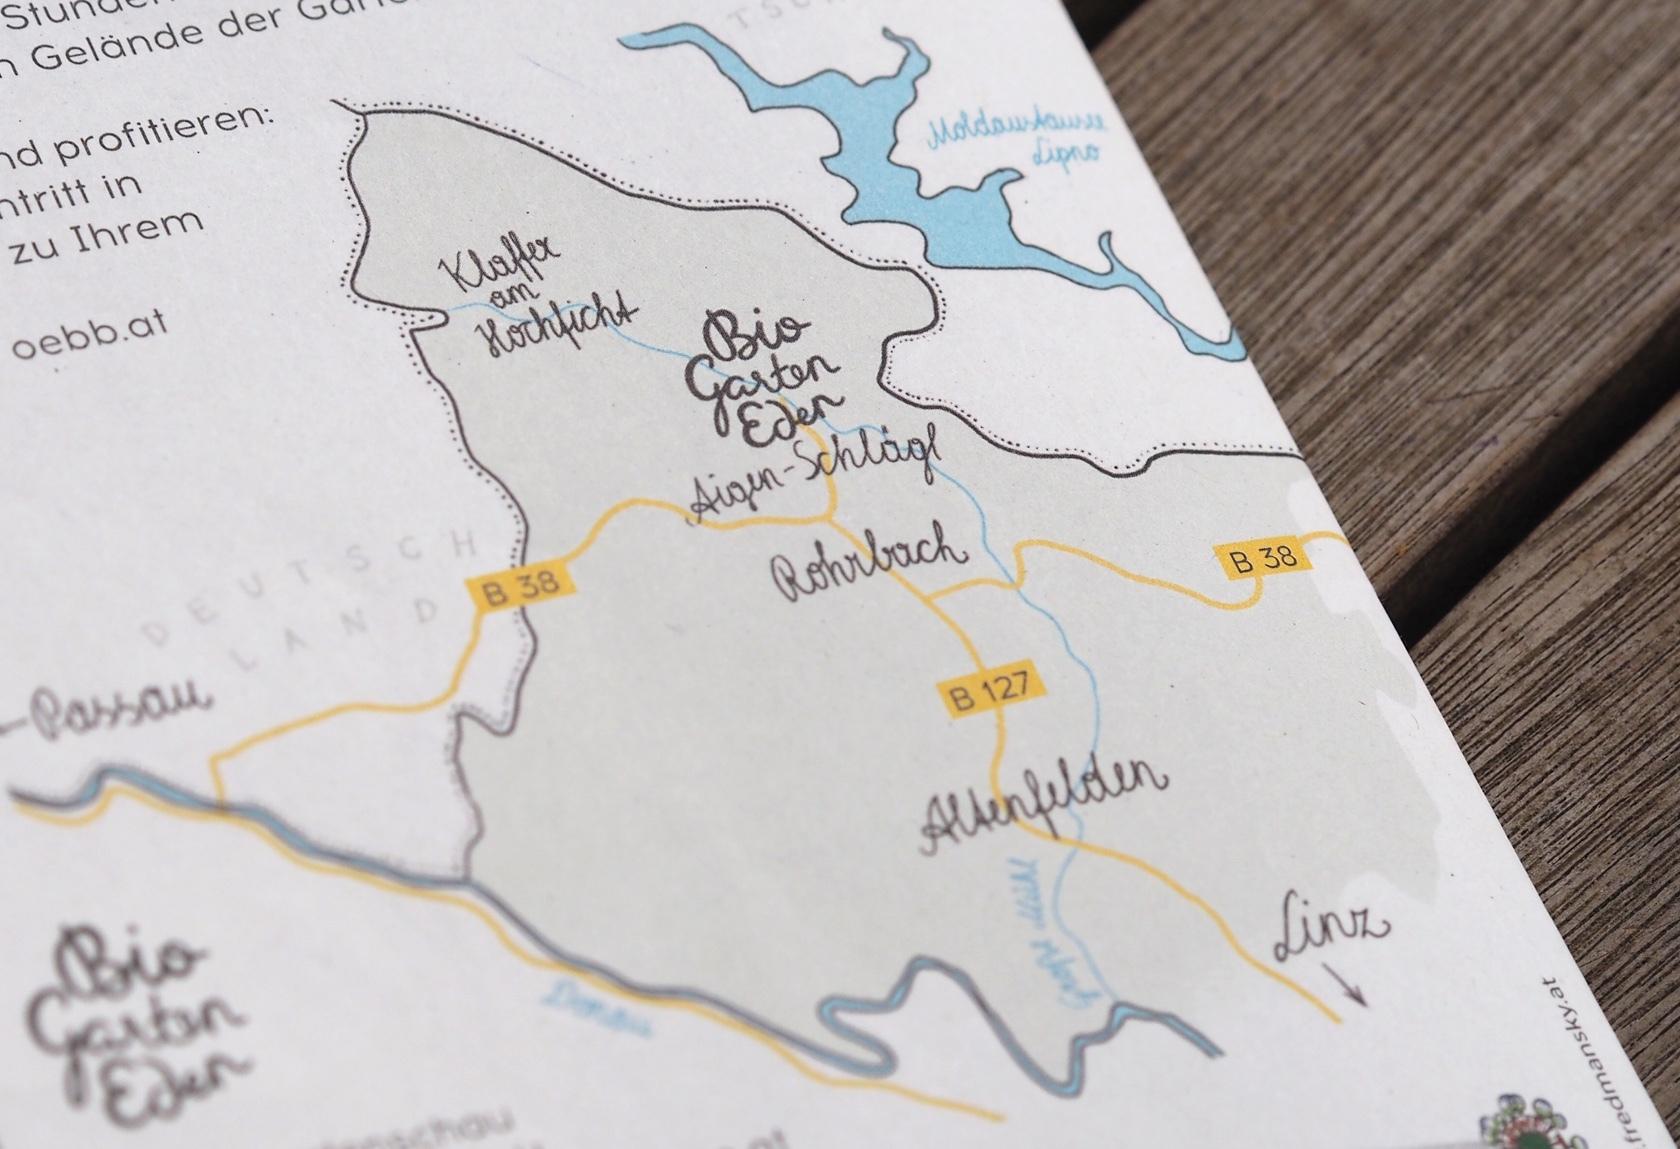 OÖ Landesgartenschau Anfahrtsplan